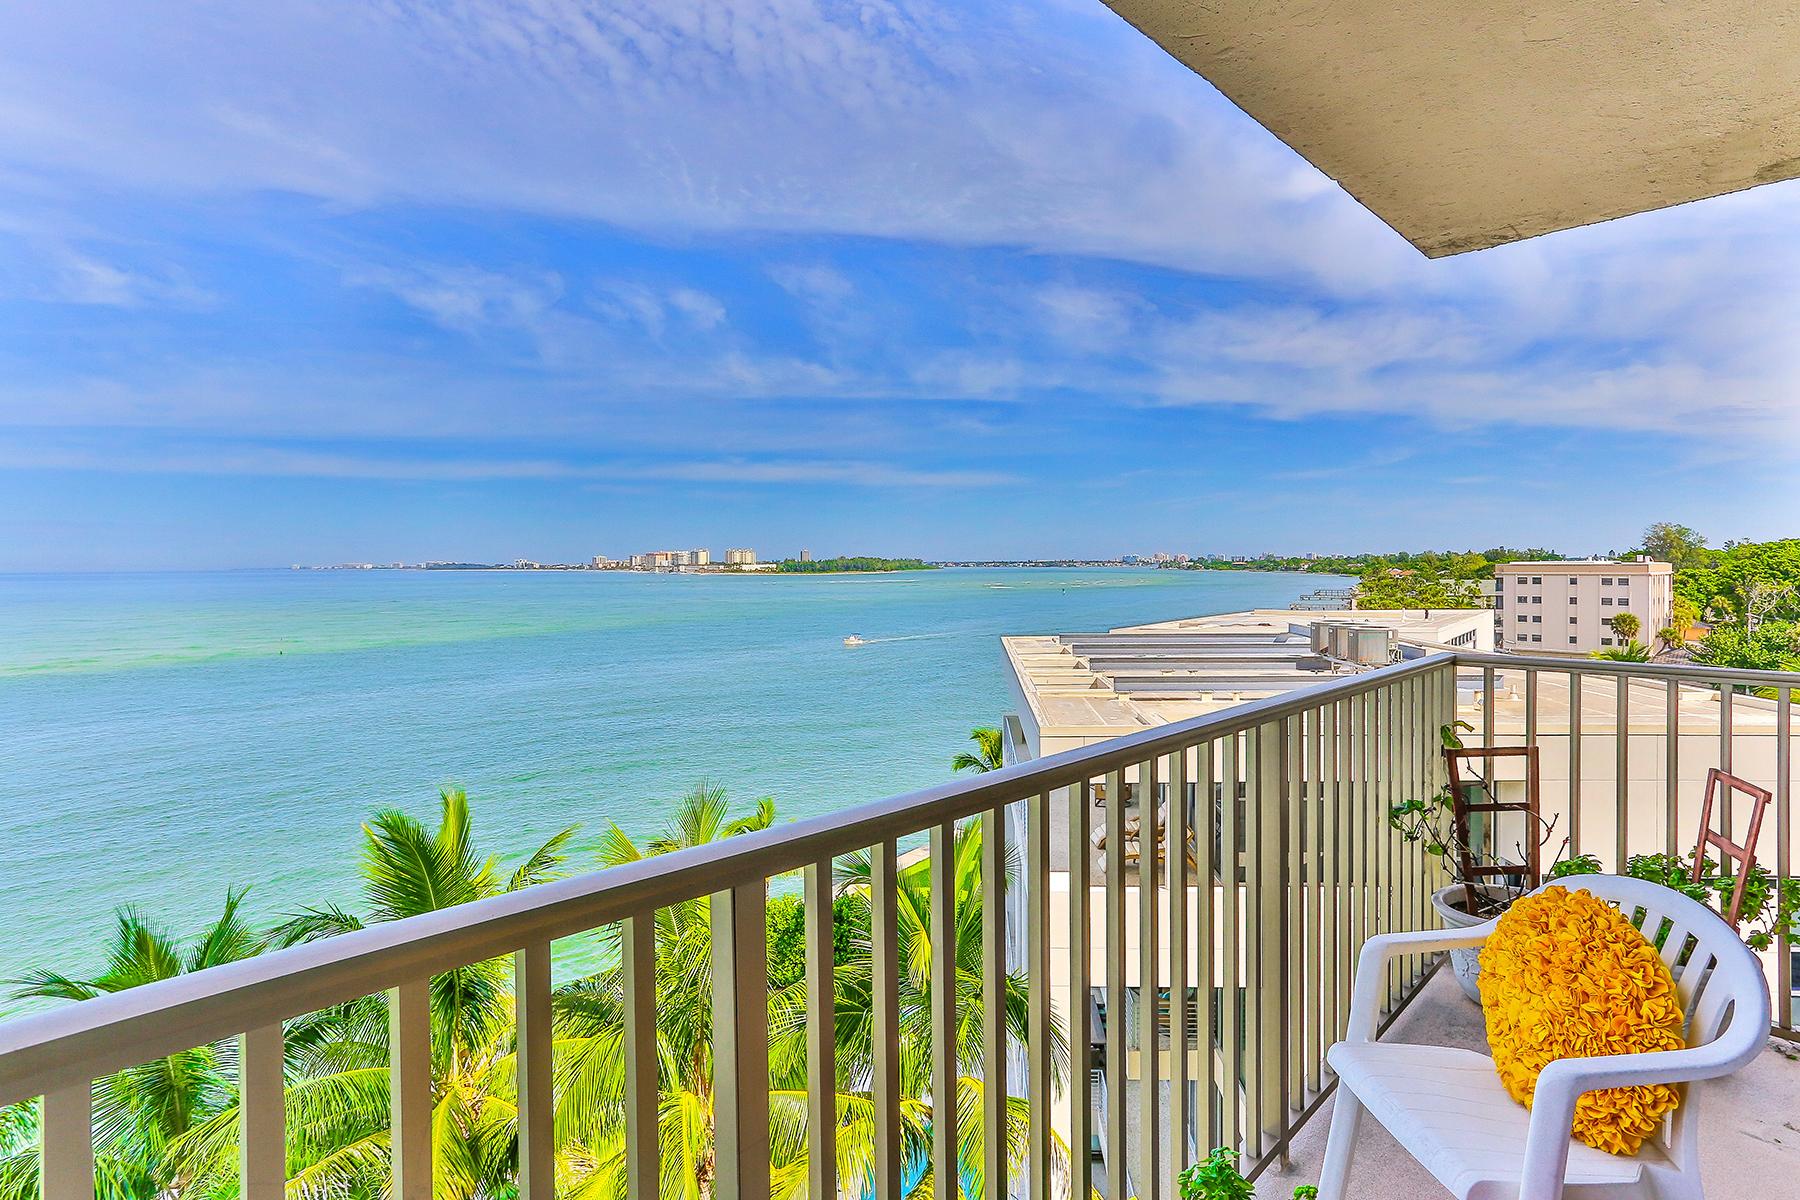 Кооперативная квартира для того Продажа на SIESTA TOWERS 4822 Ocean Blvd 6F Sarasota, Флорида 34242 Соединенные Штаты